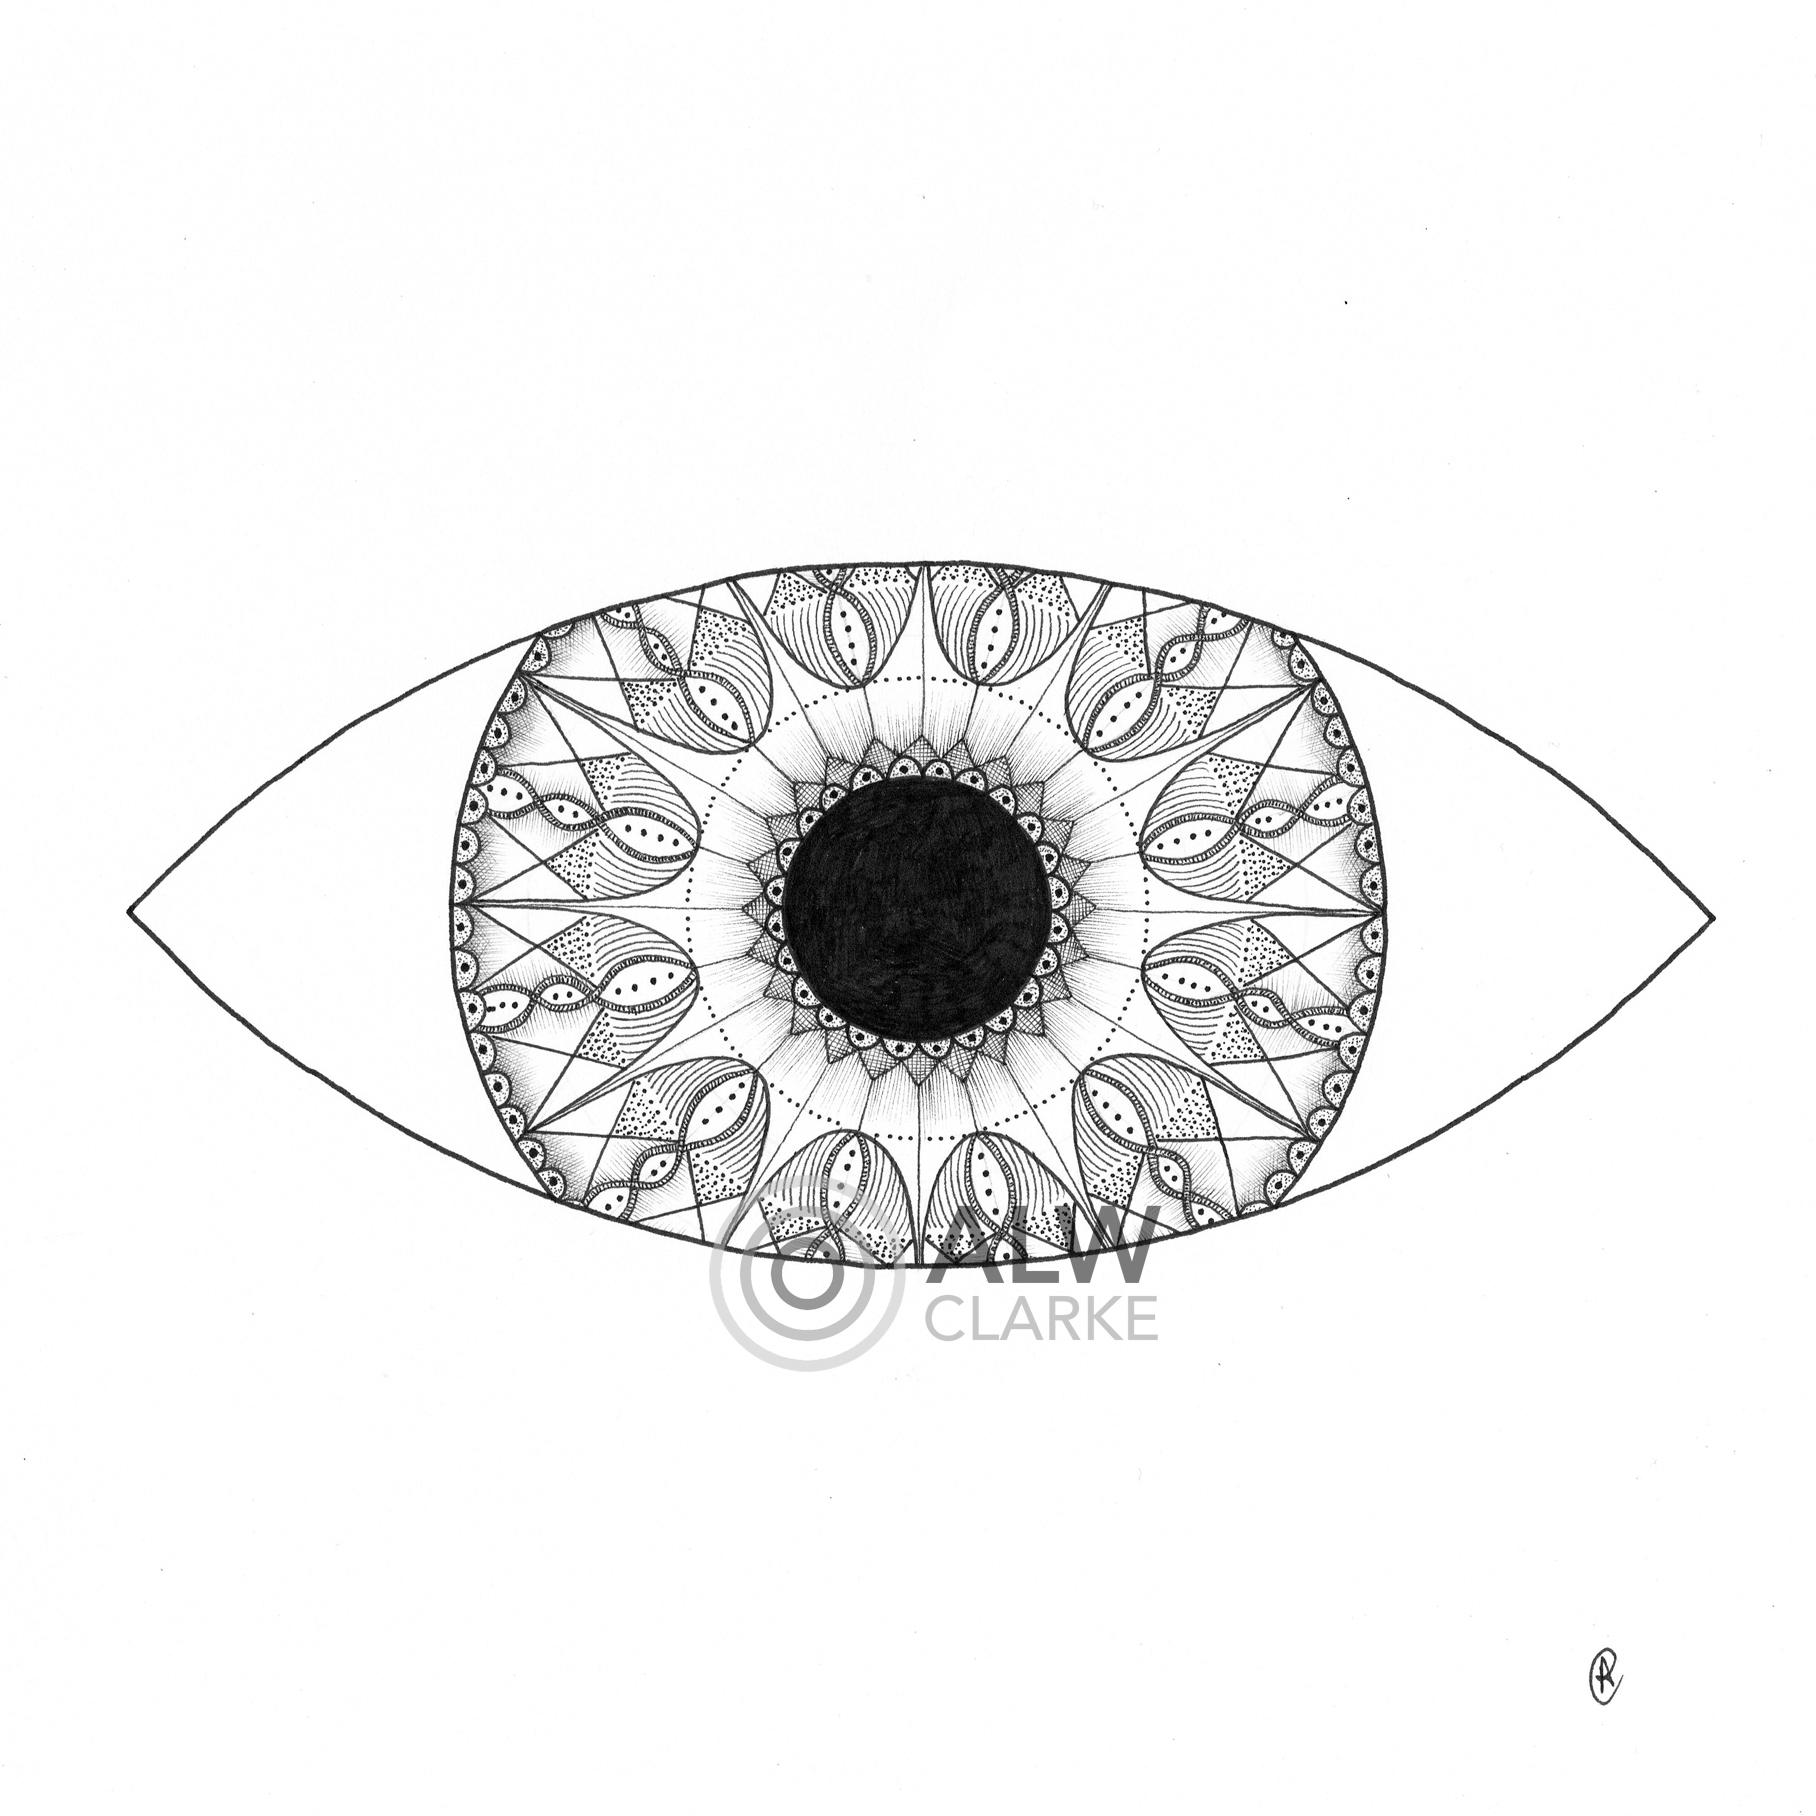 ALW-Clarke-Perception-Open-Mind-Artwork.jpg